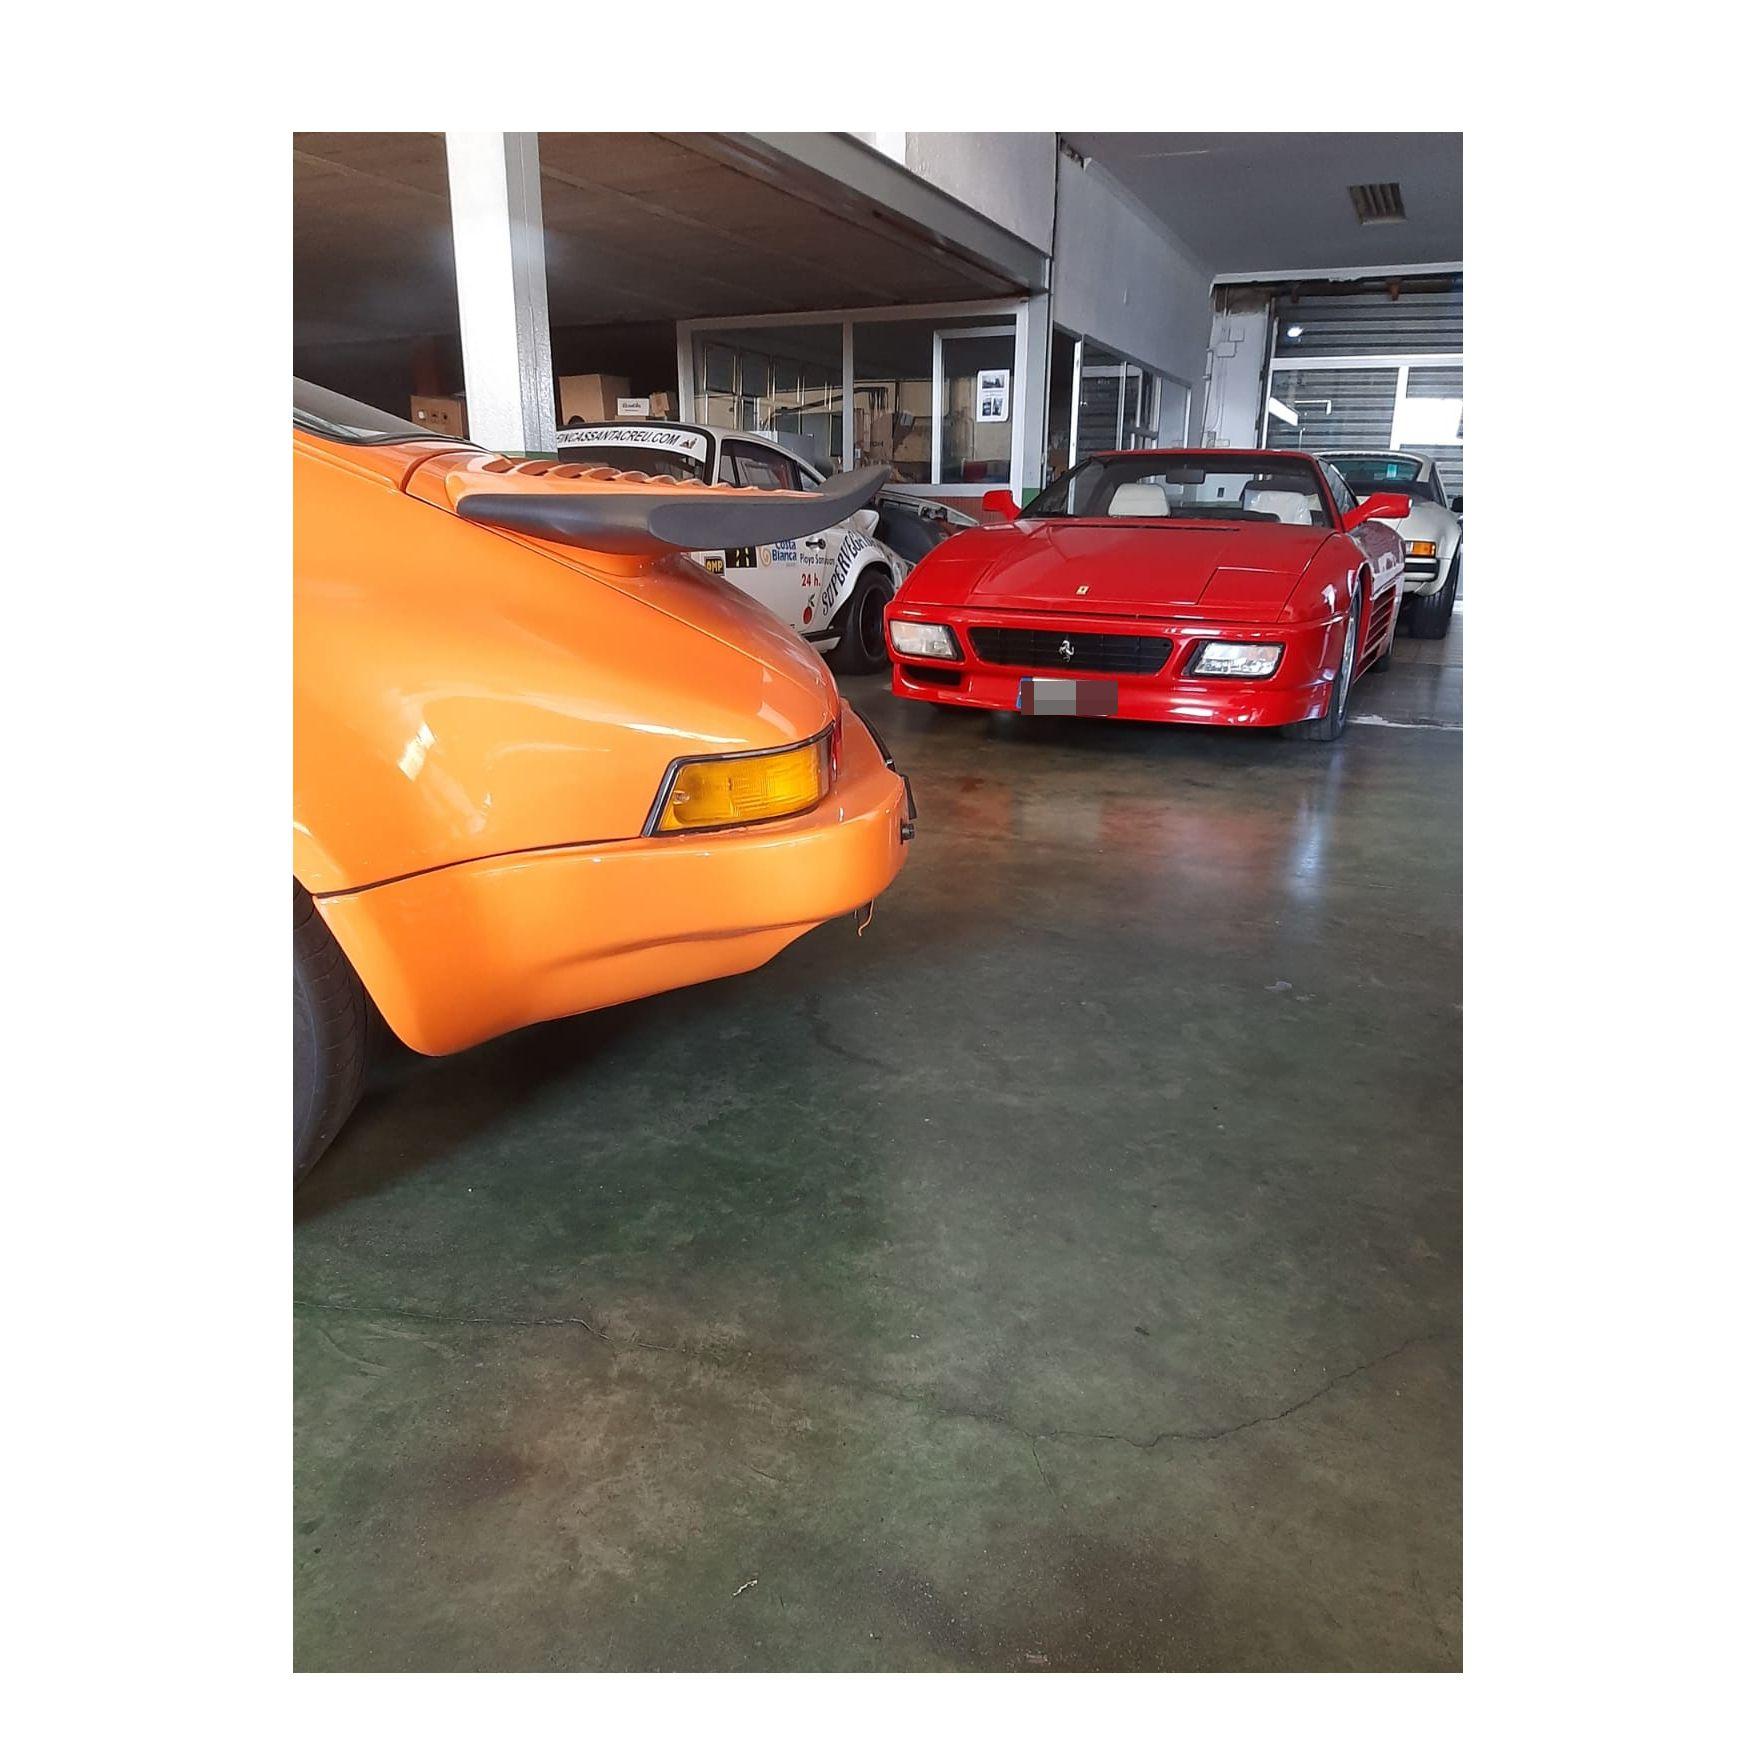 Reparación y mantenimiento de coches clásicos: Servicios de Talleres Pabel